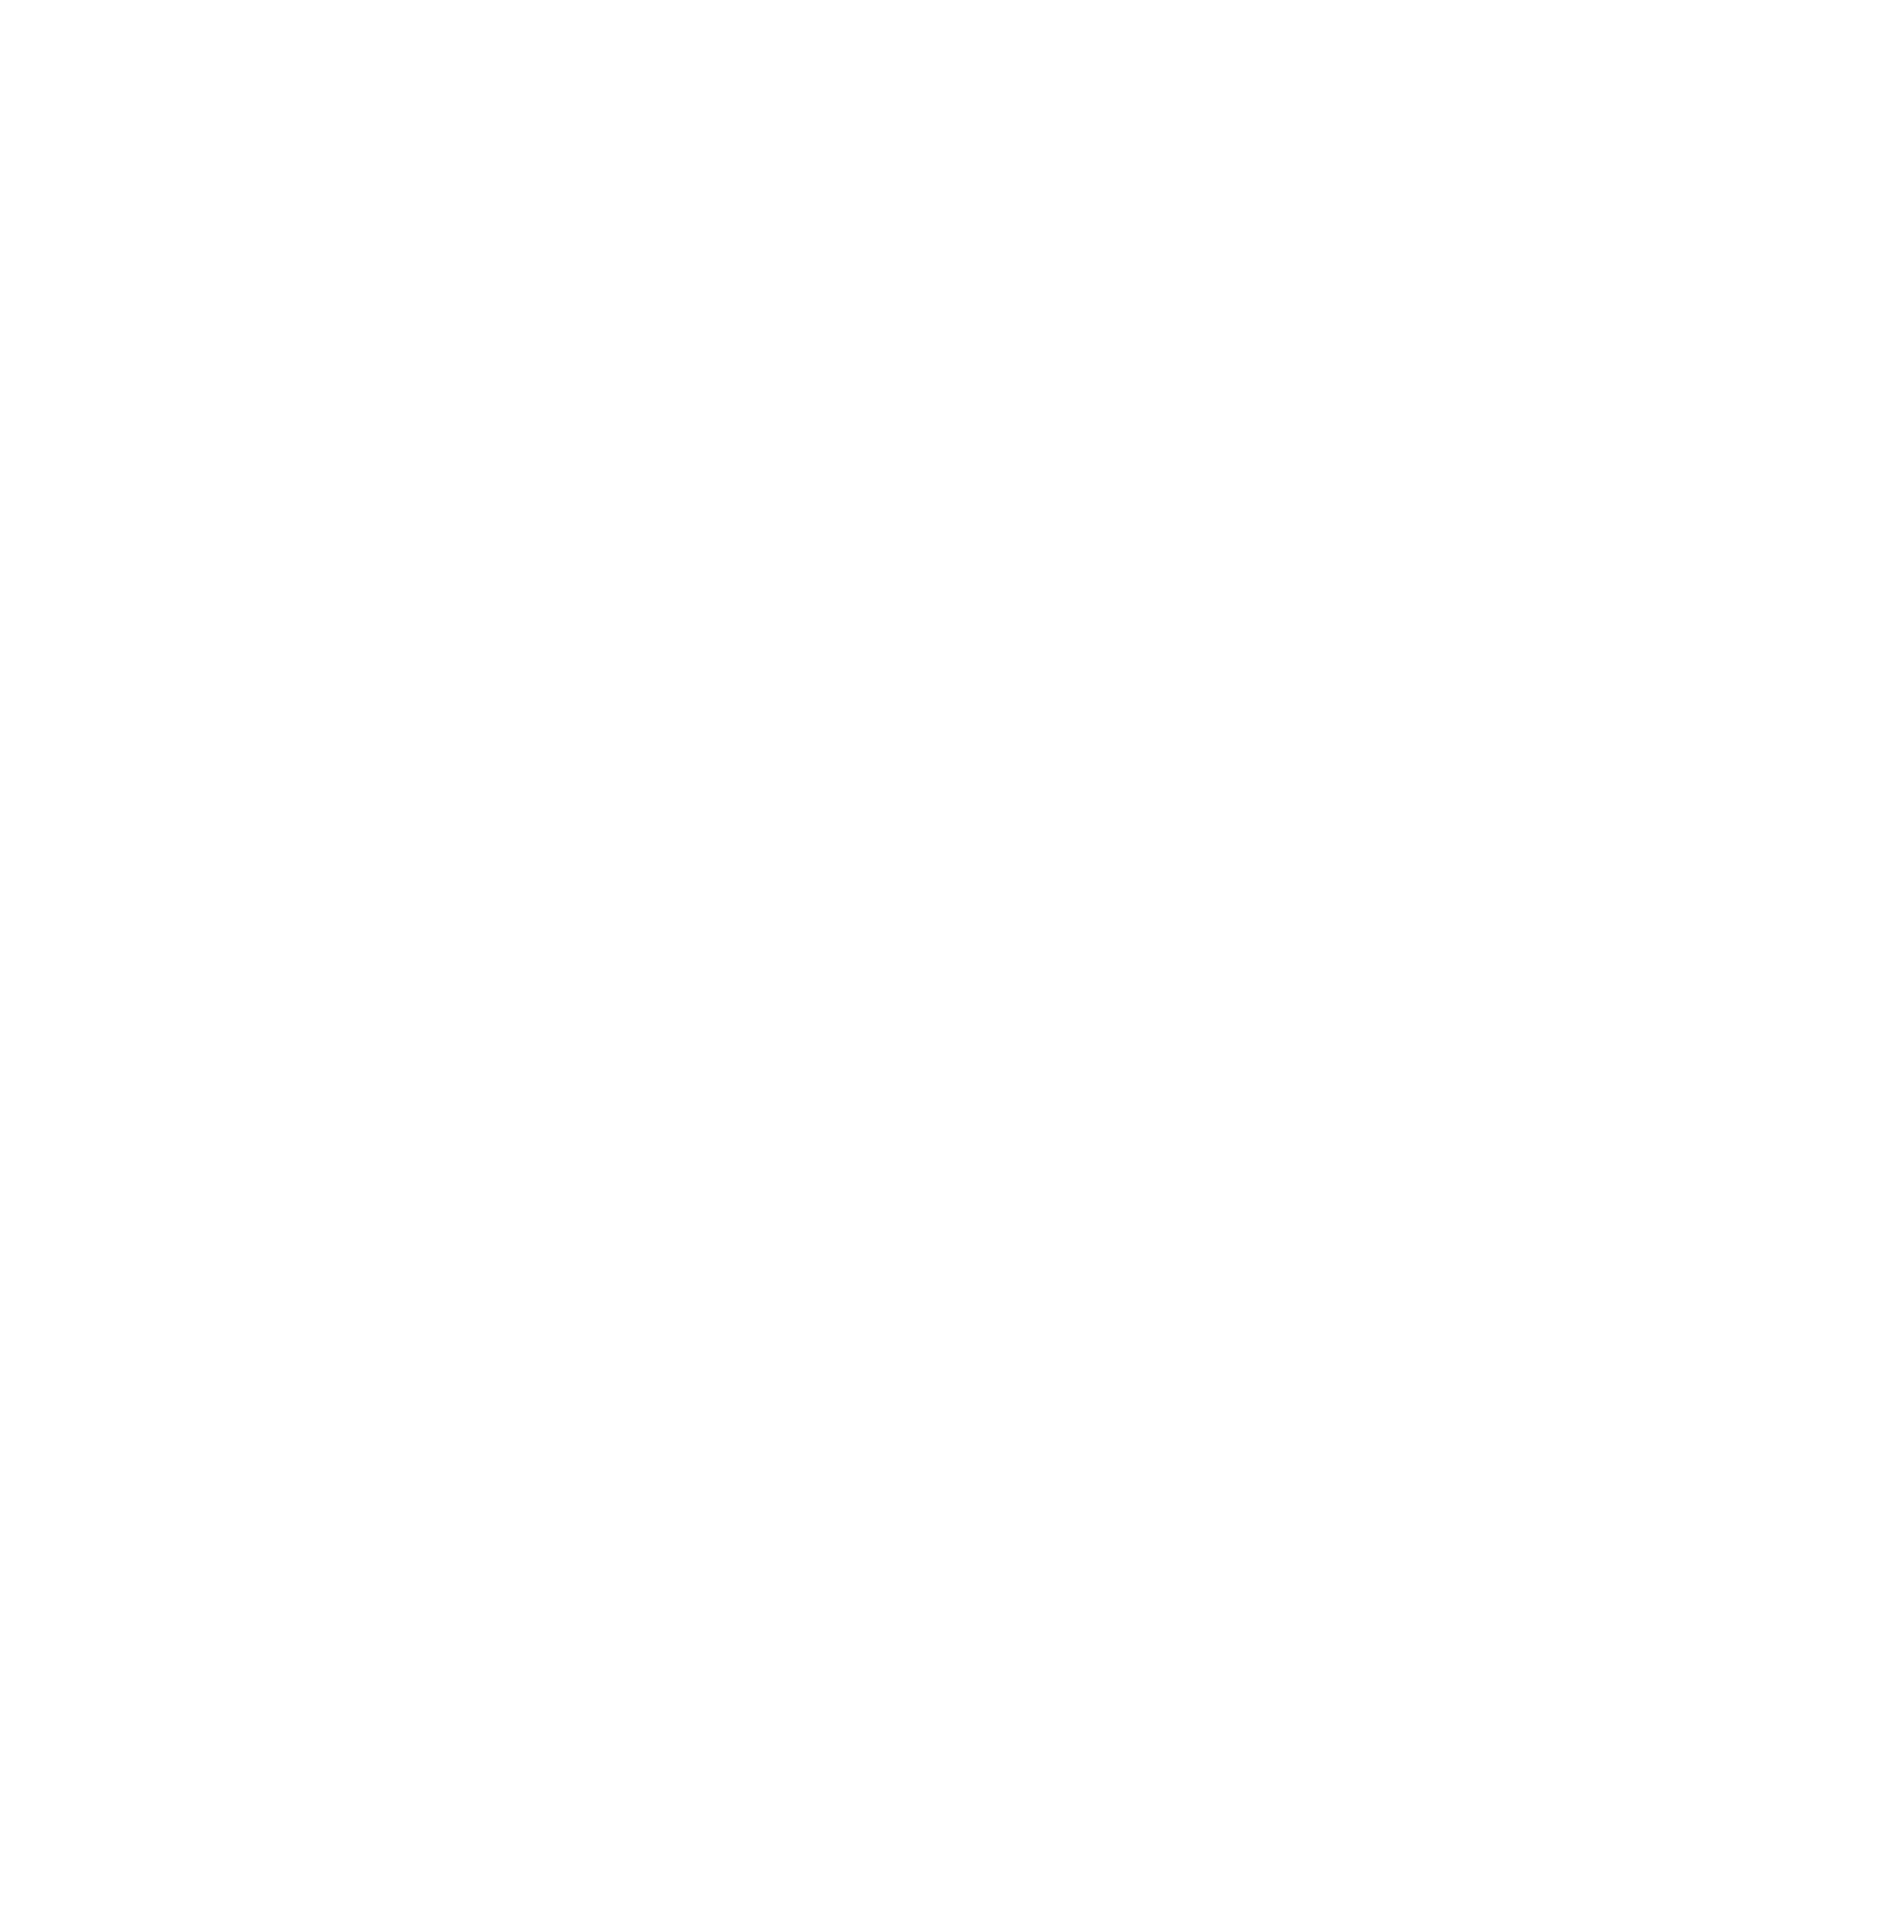 TWTH-Logo-Outline-White